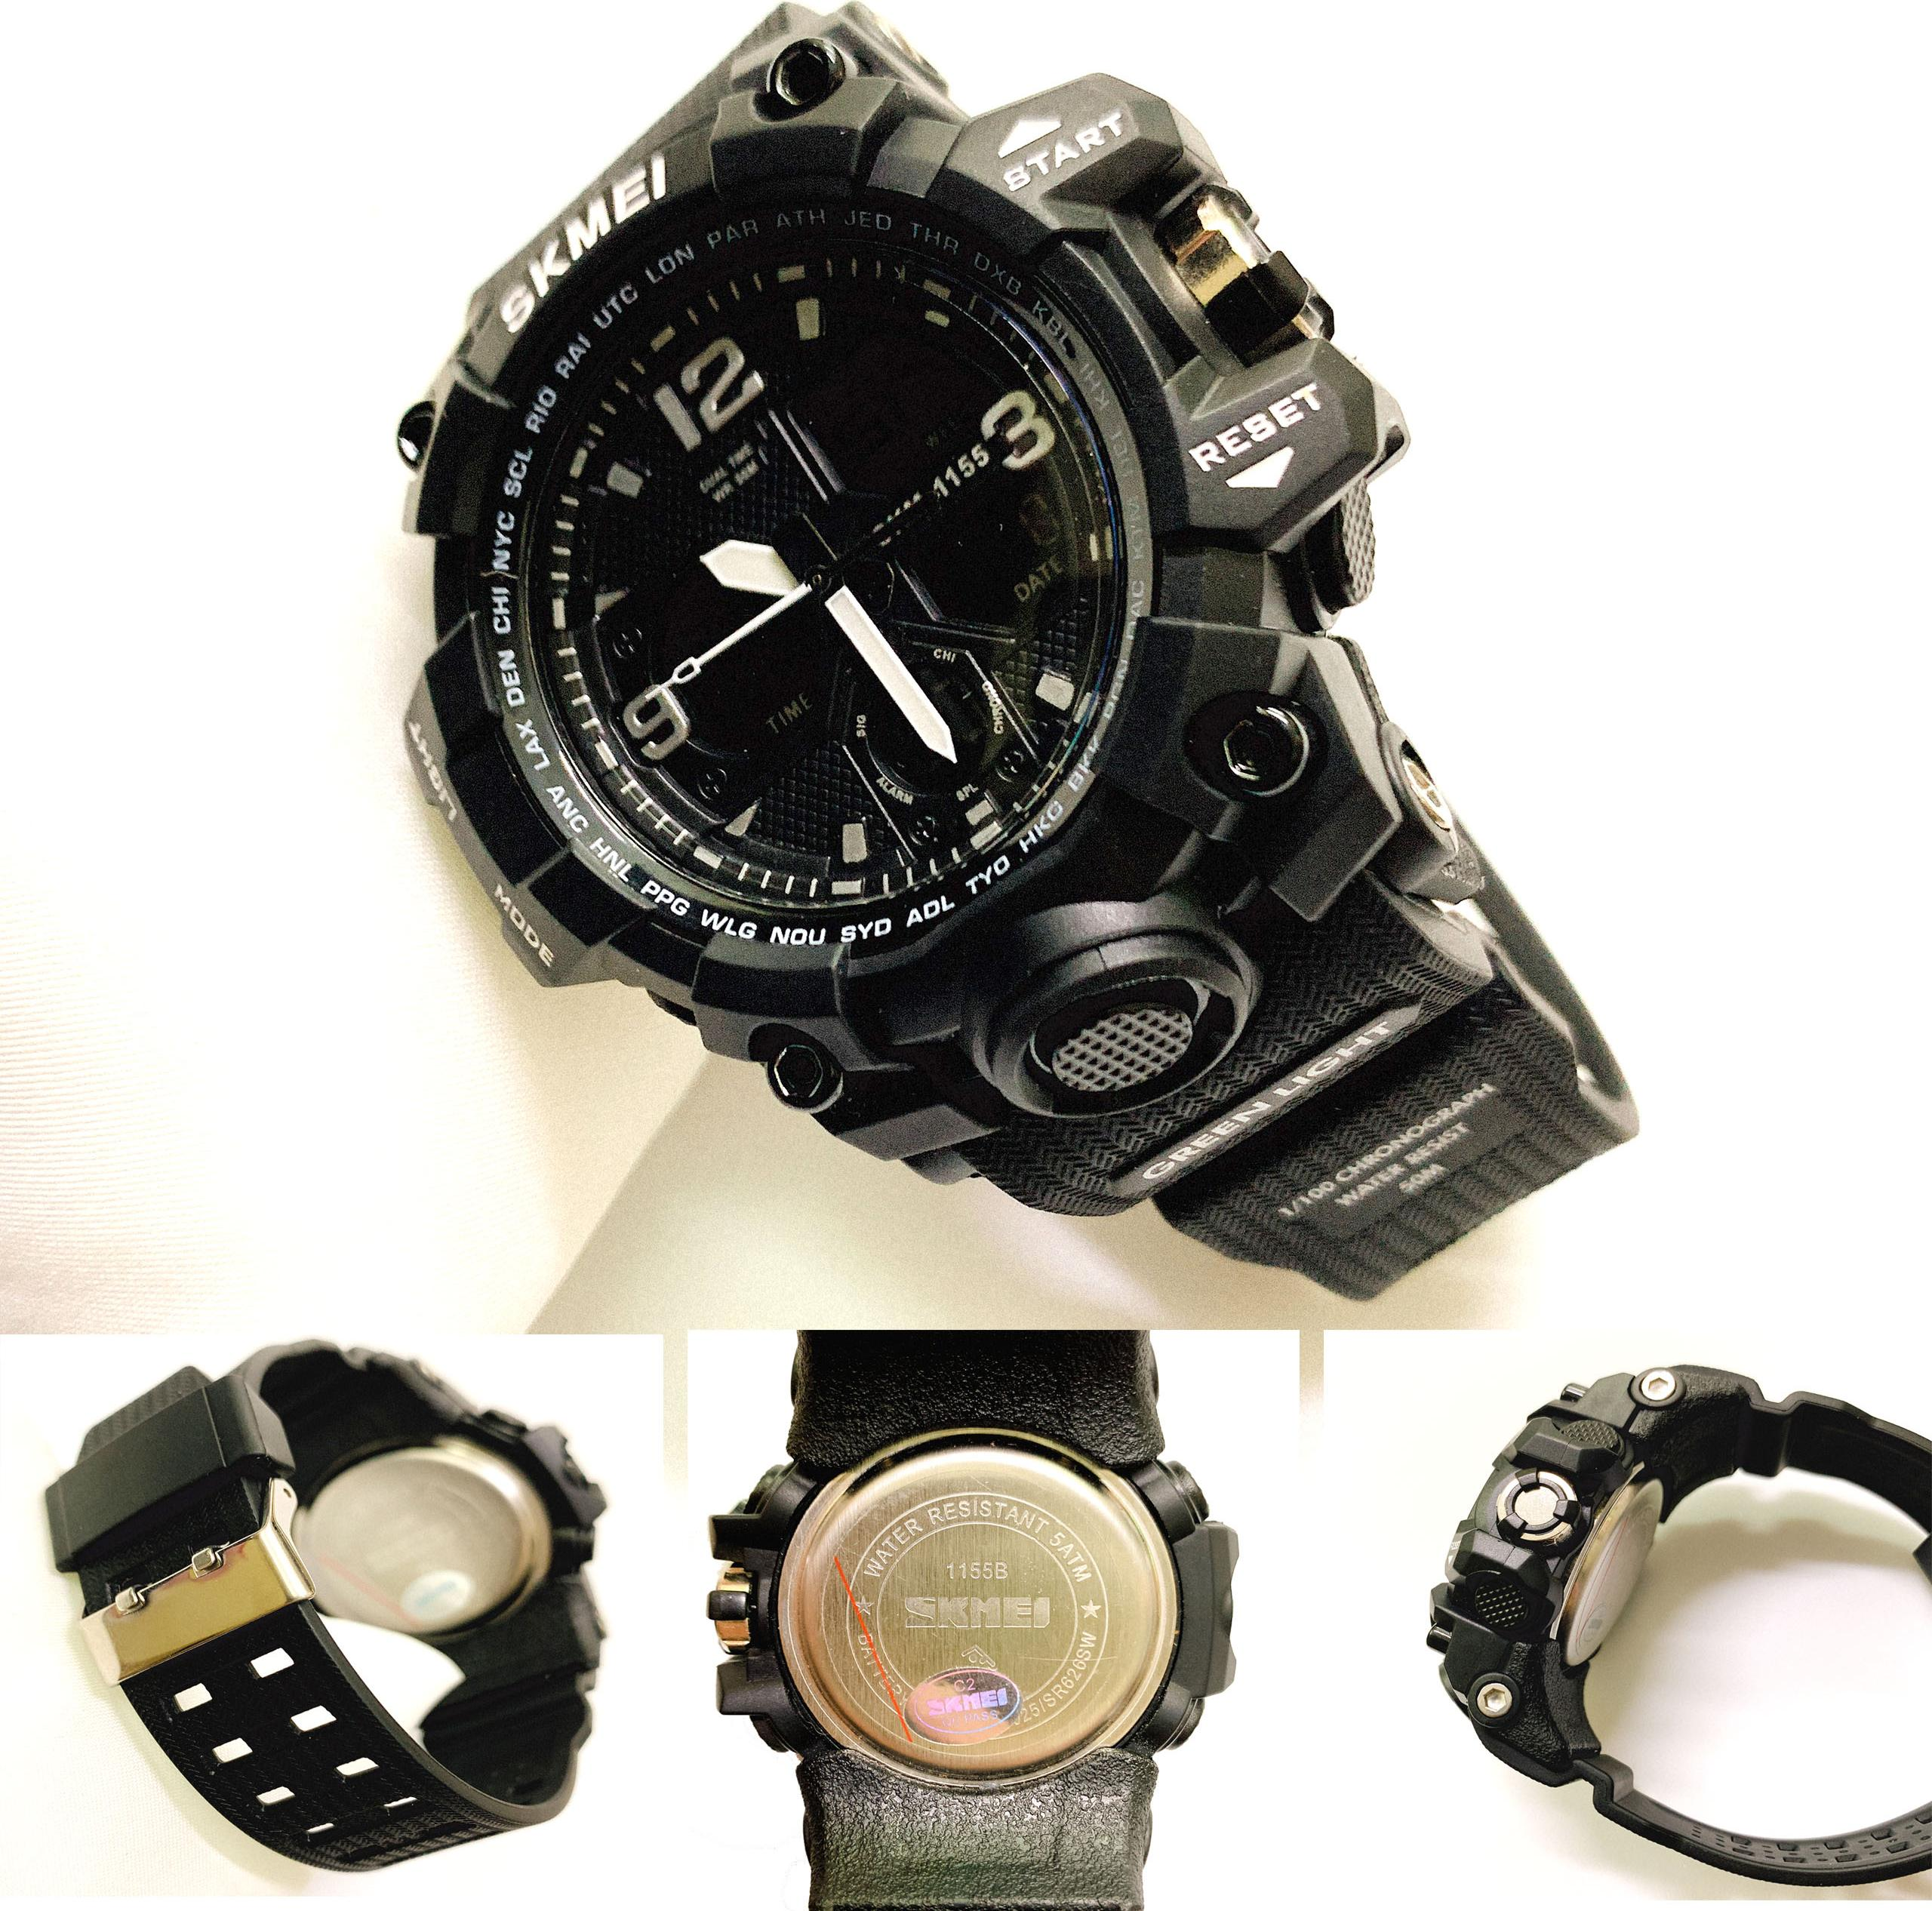 Đồng hồ Thê Thao Nam SKMEI 1155 + Tặng Combo TẨY DA CHẾT APPLE WHITE PELLING GEL BEAUSKIN chính hãng